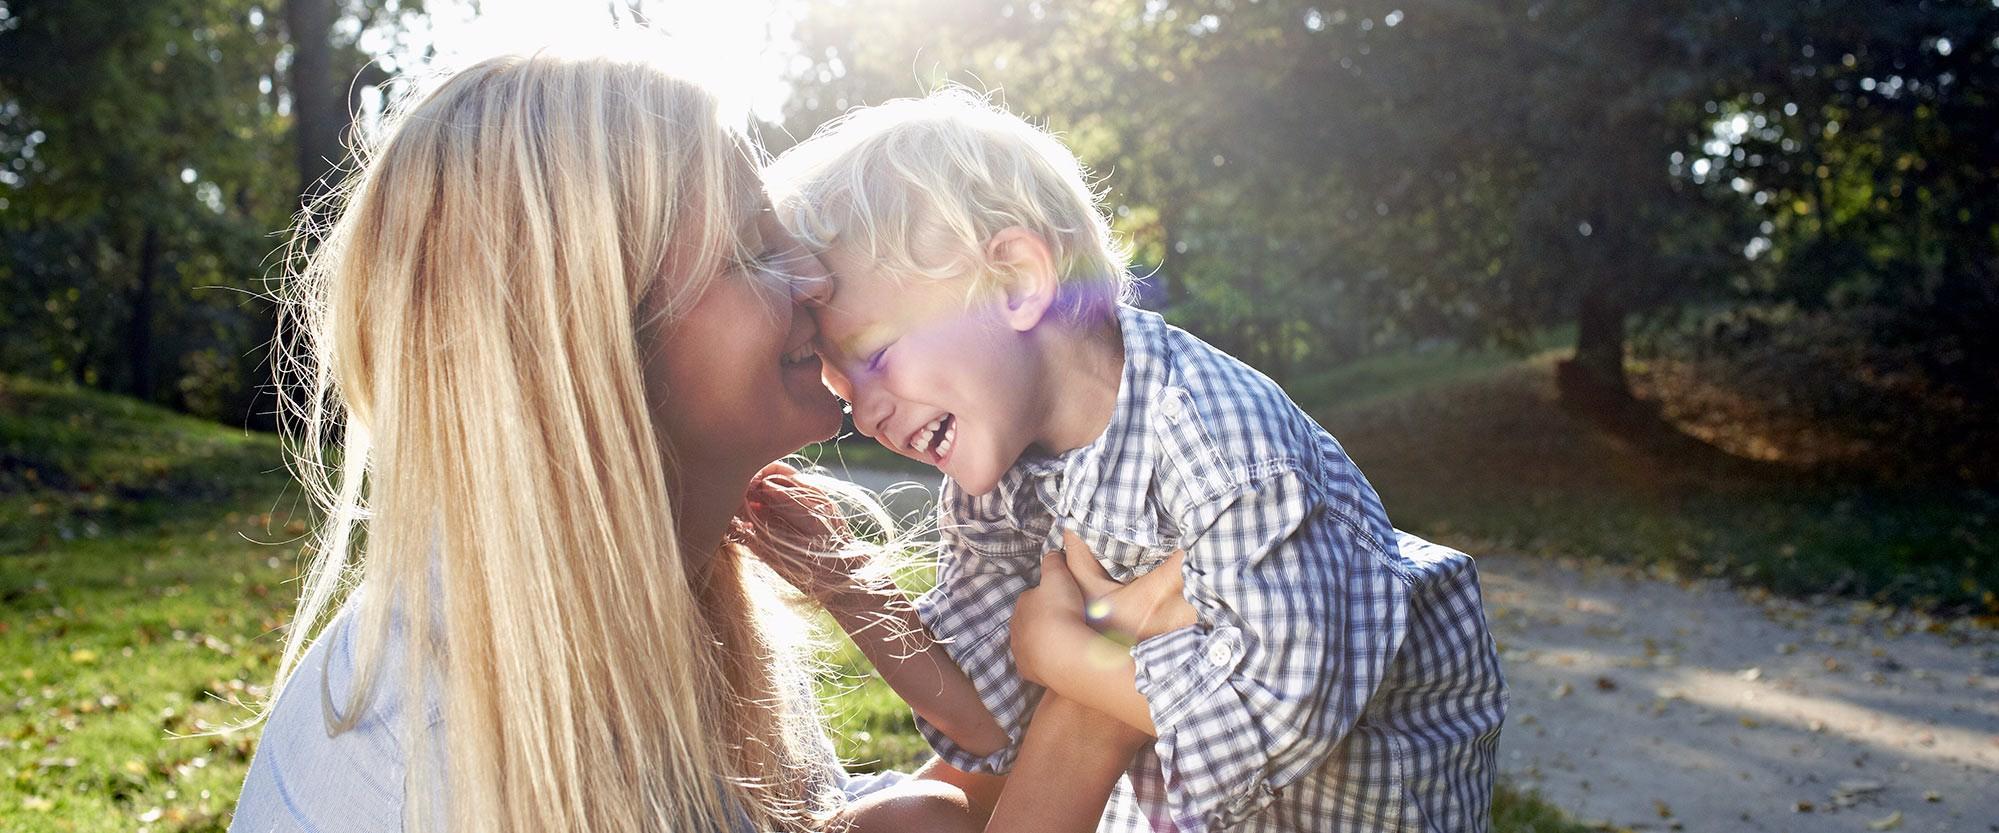 10 ærlige ting, der giver mig følelesen af at være en god mor